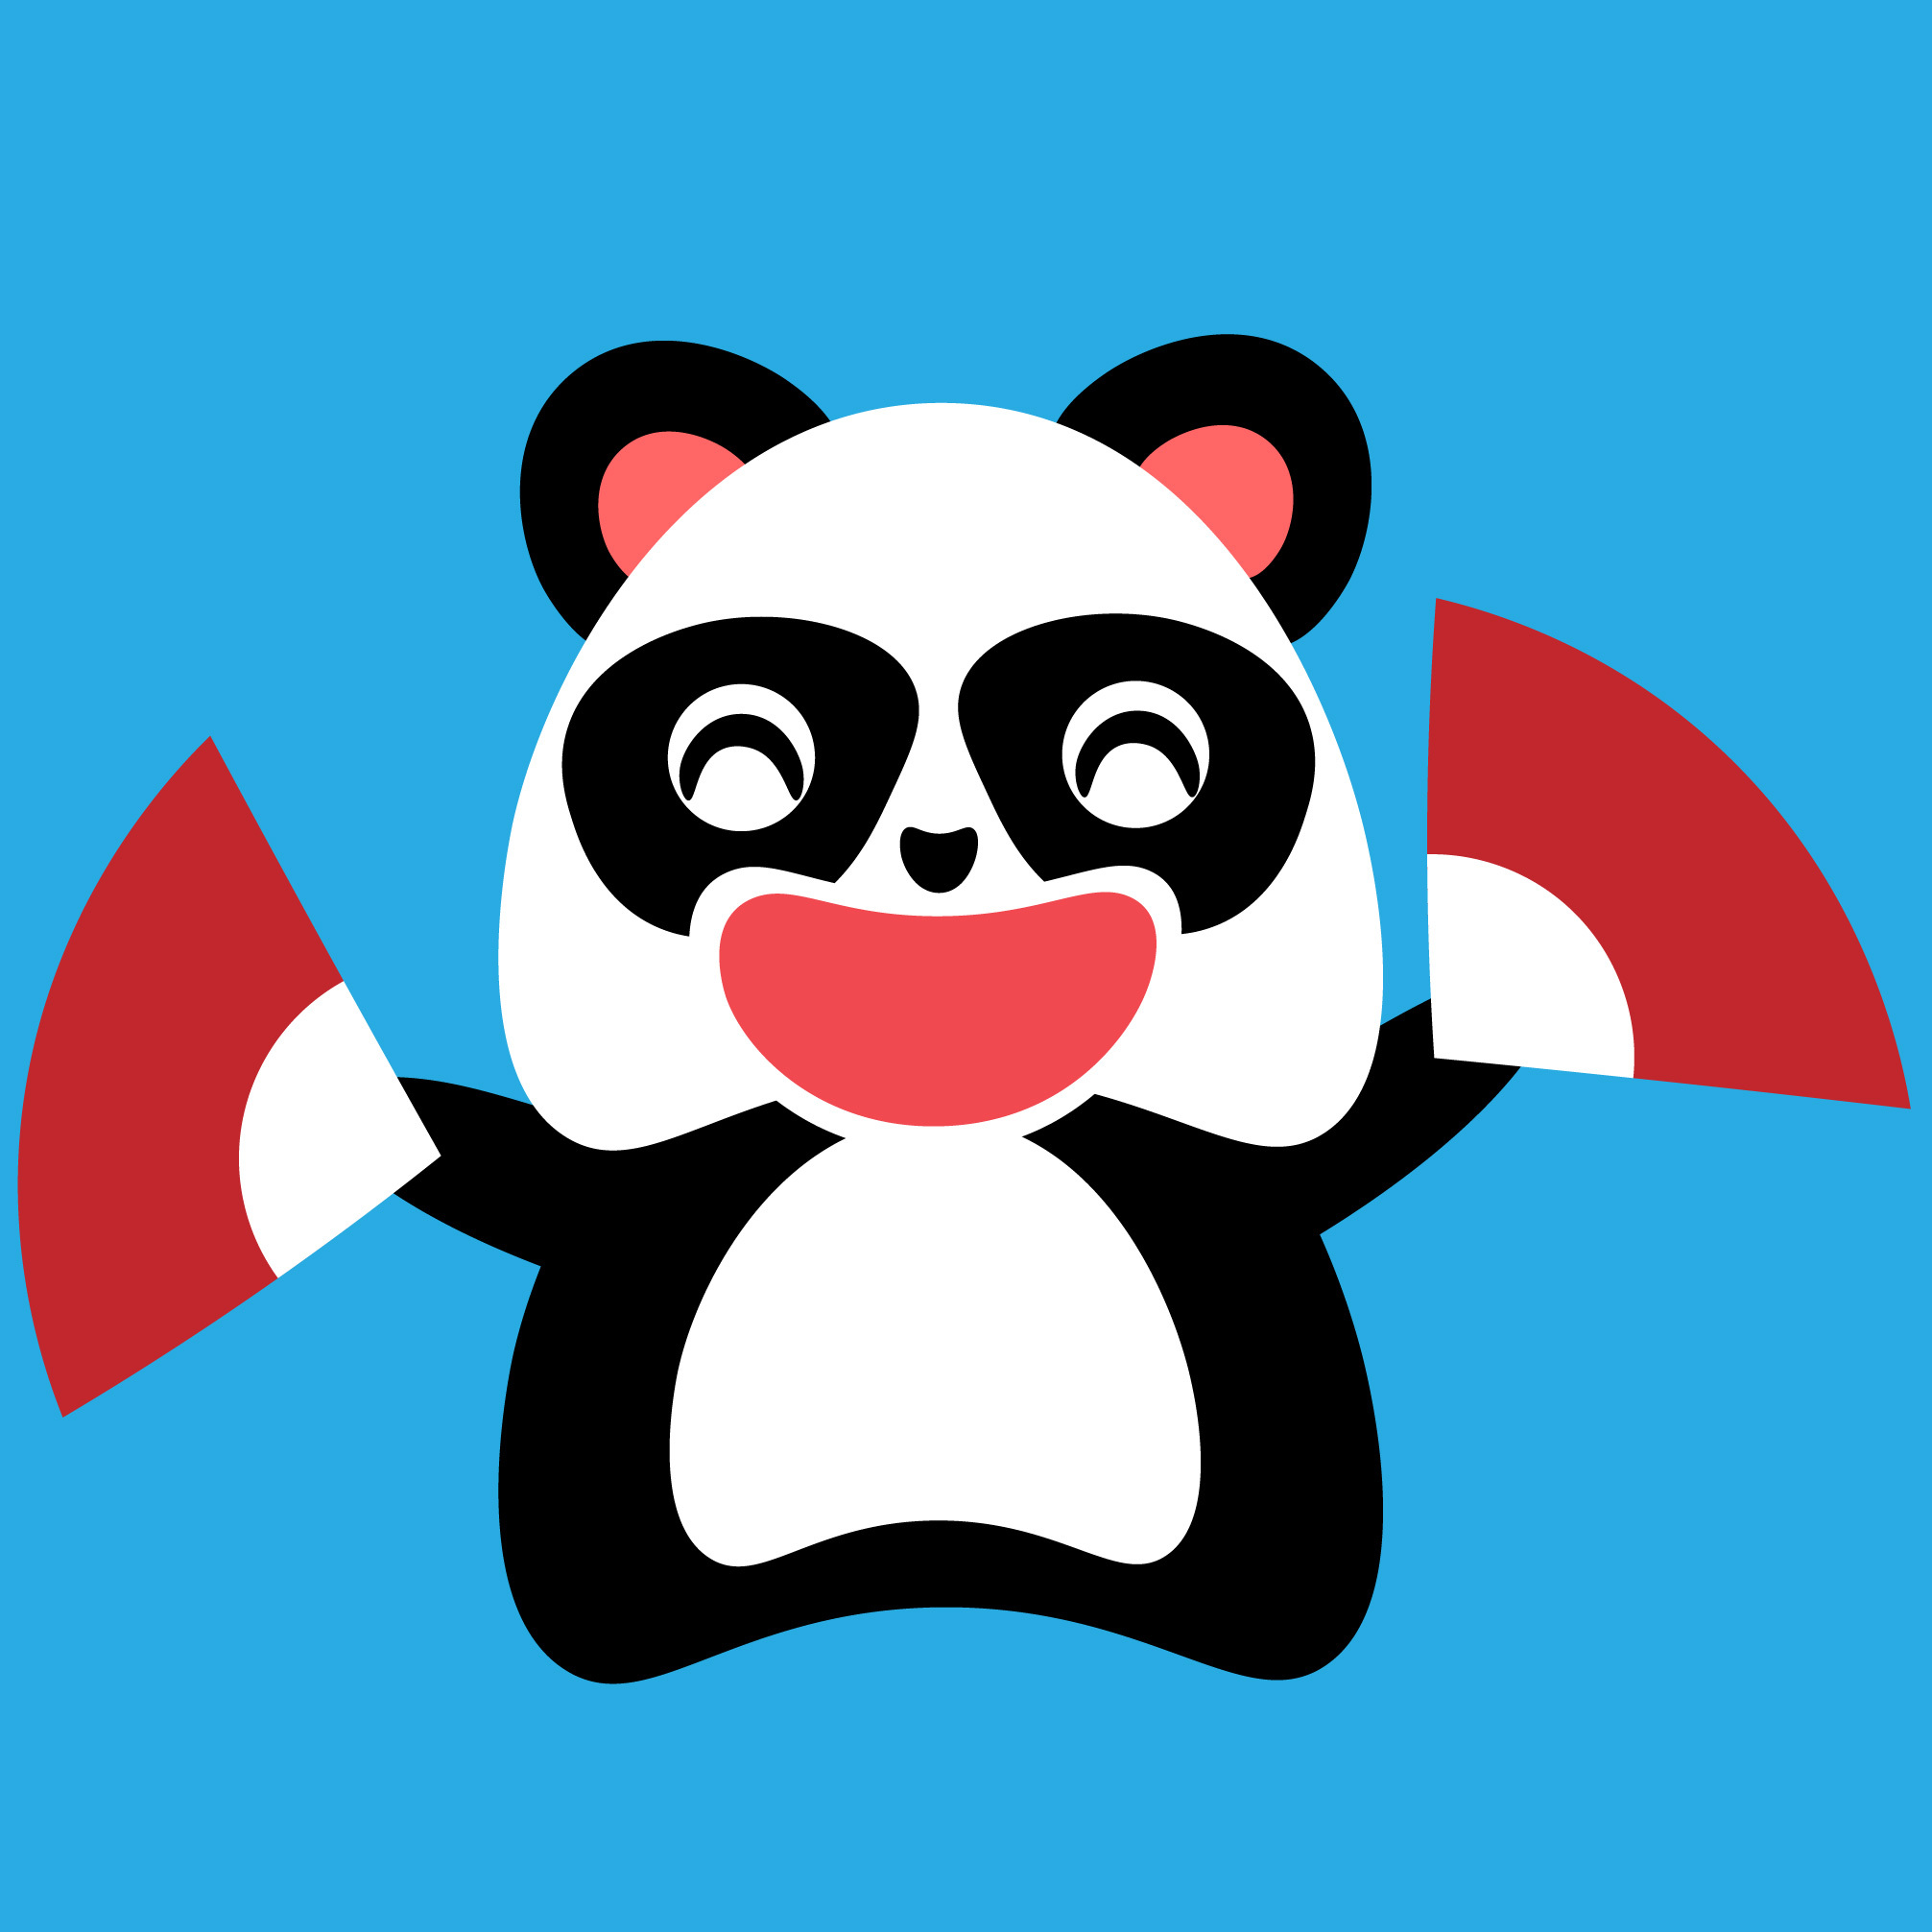 熊猫pandas表情包图片